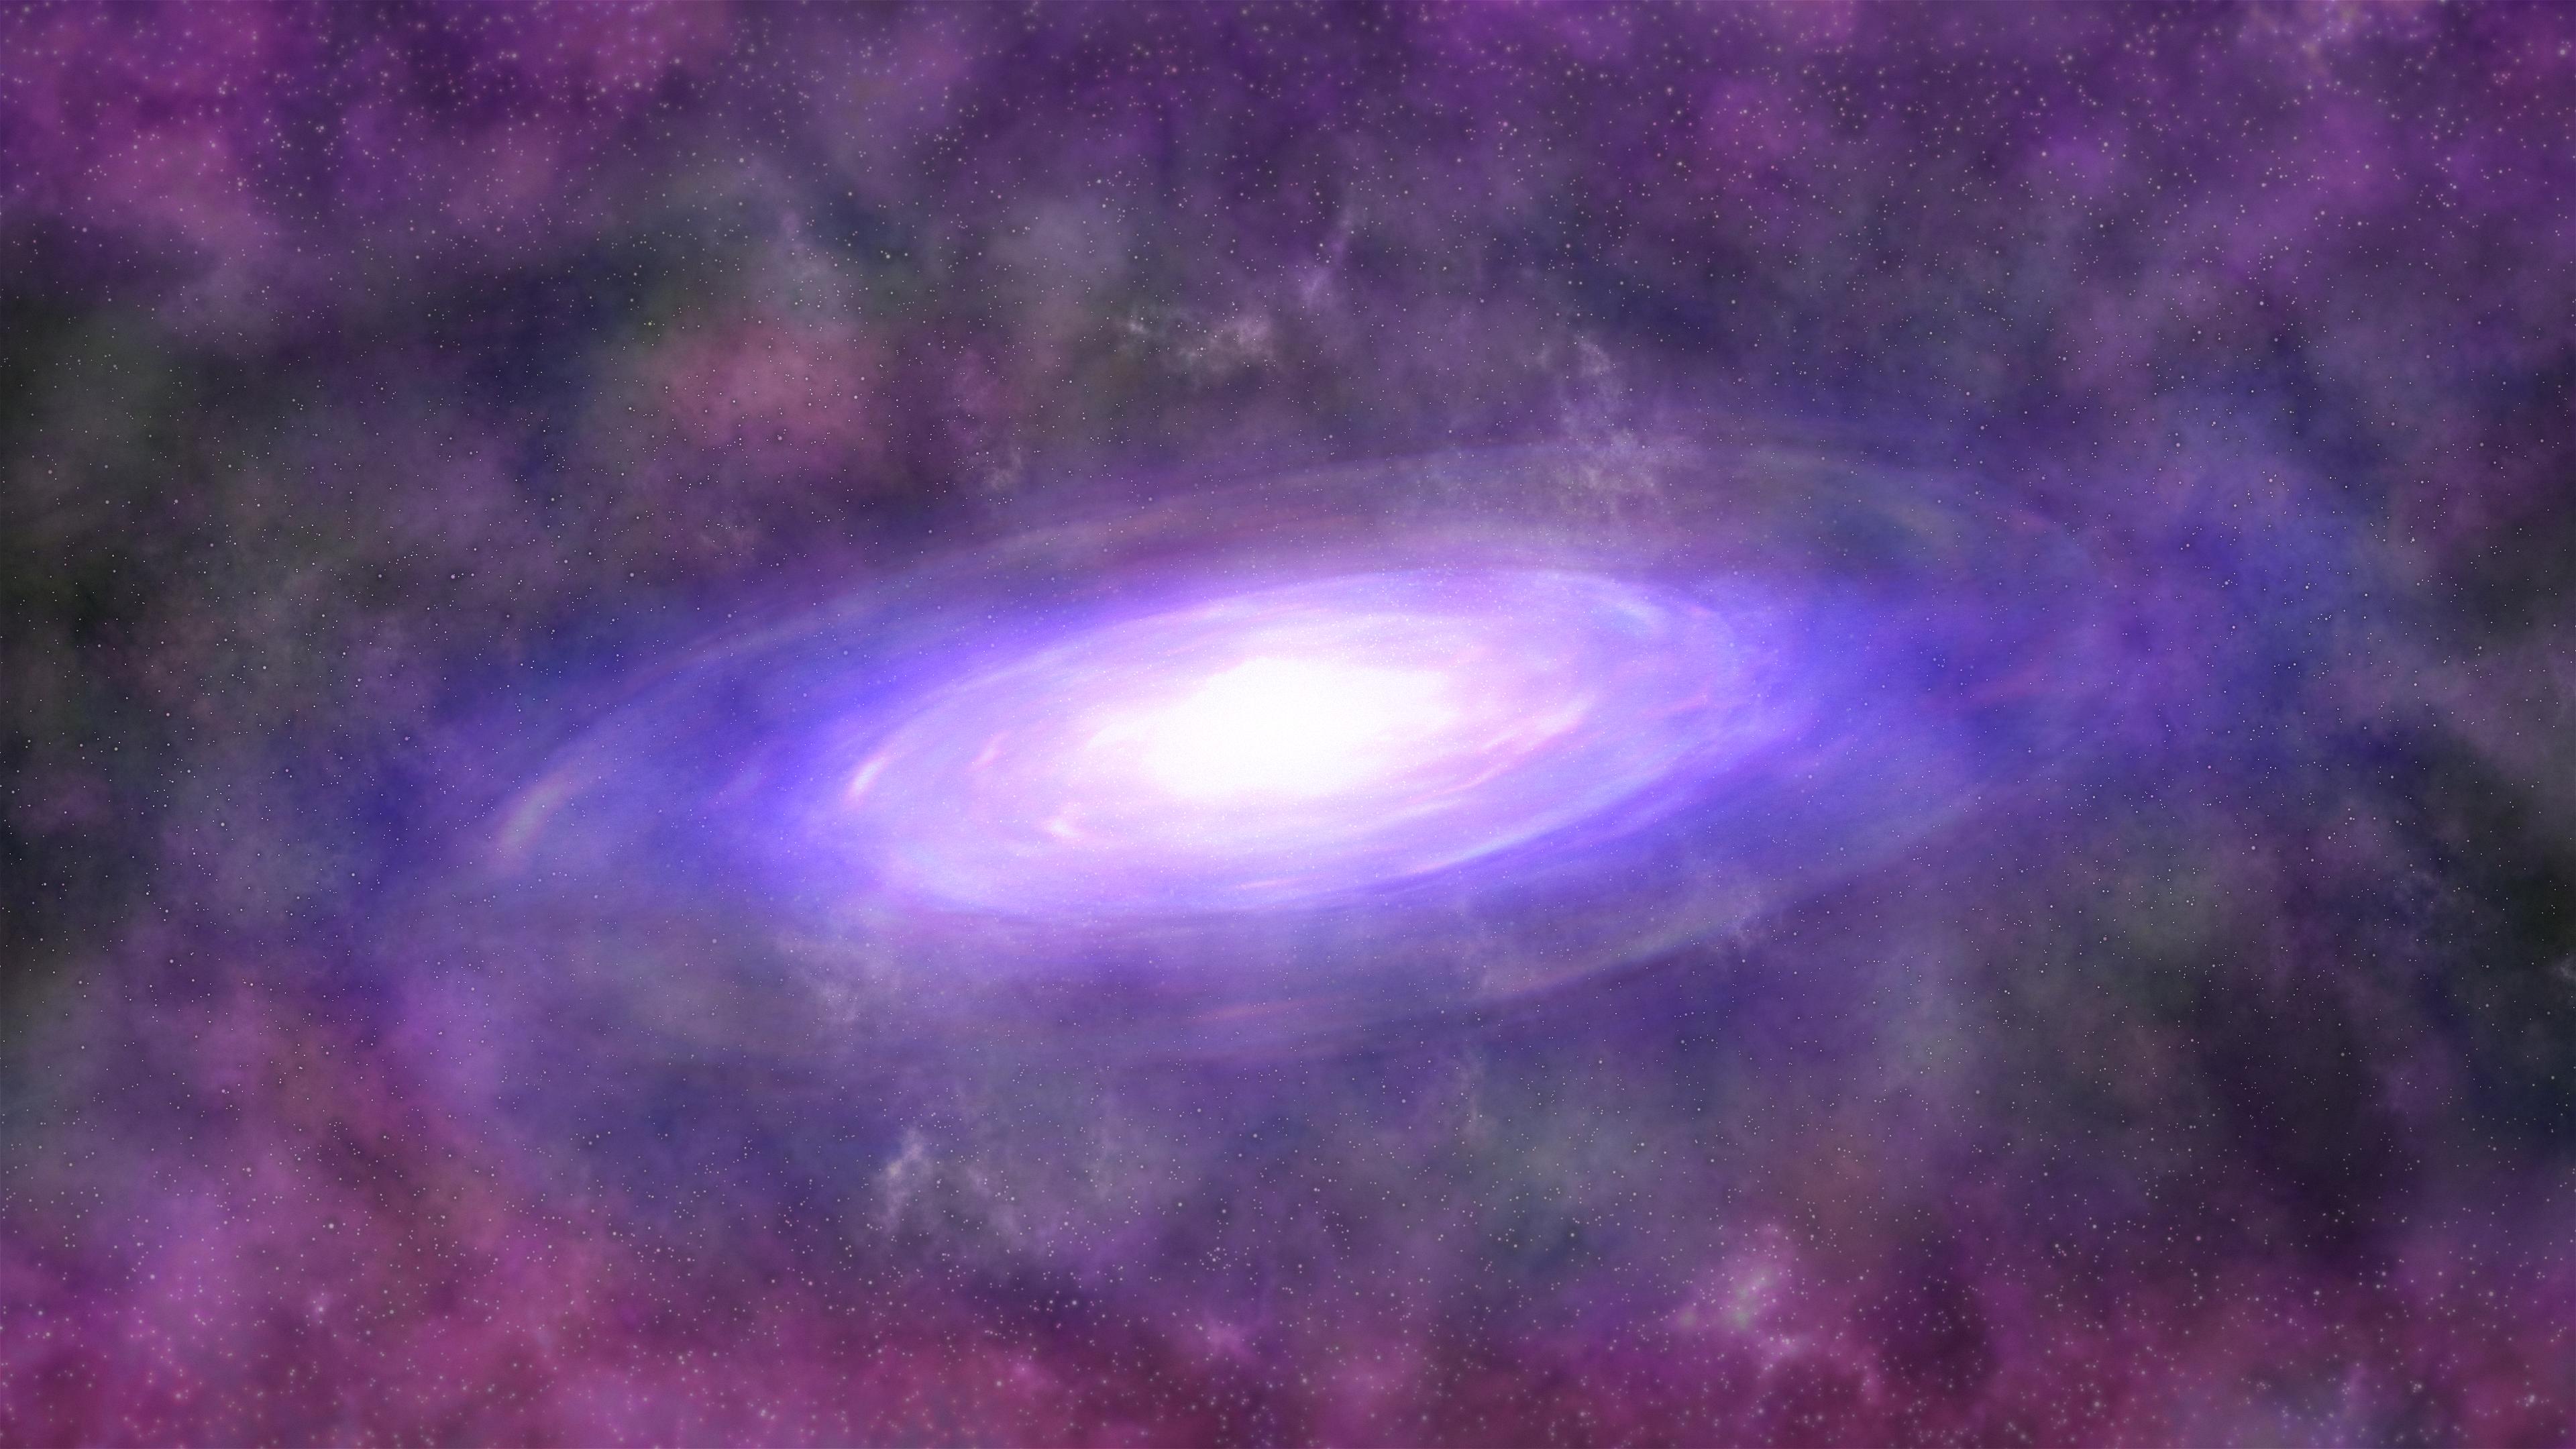 4k Galaxy Wallpaper By Howgii On Deviantart